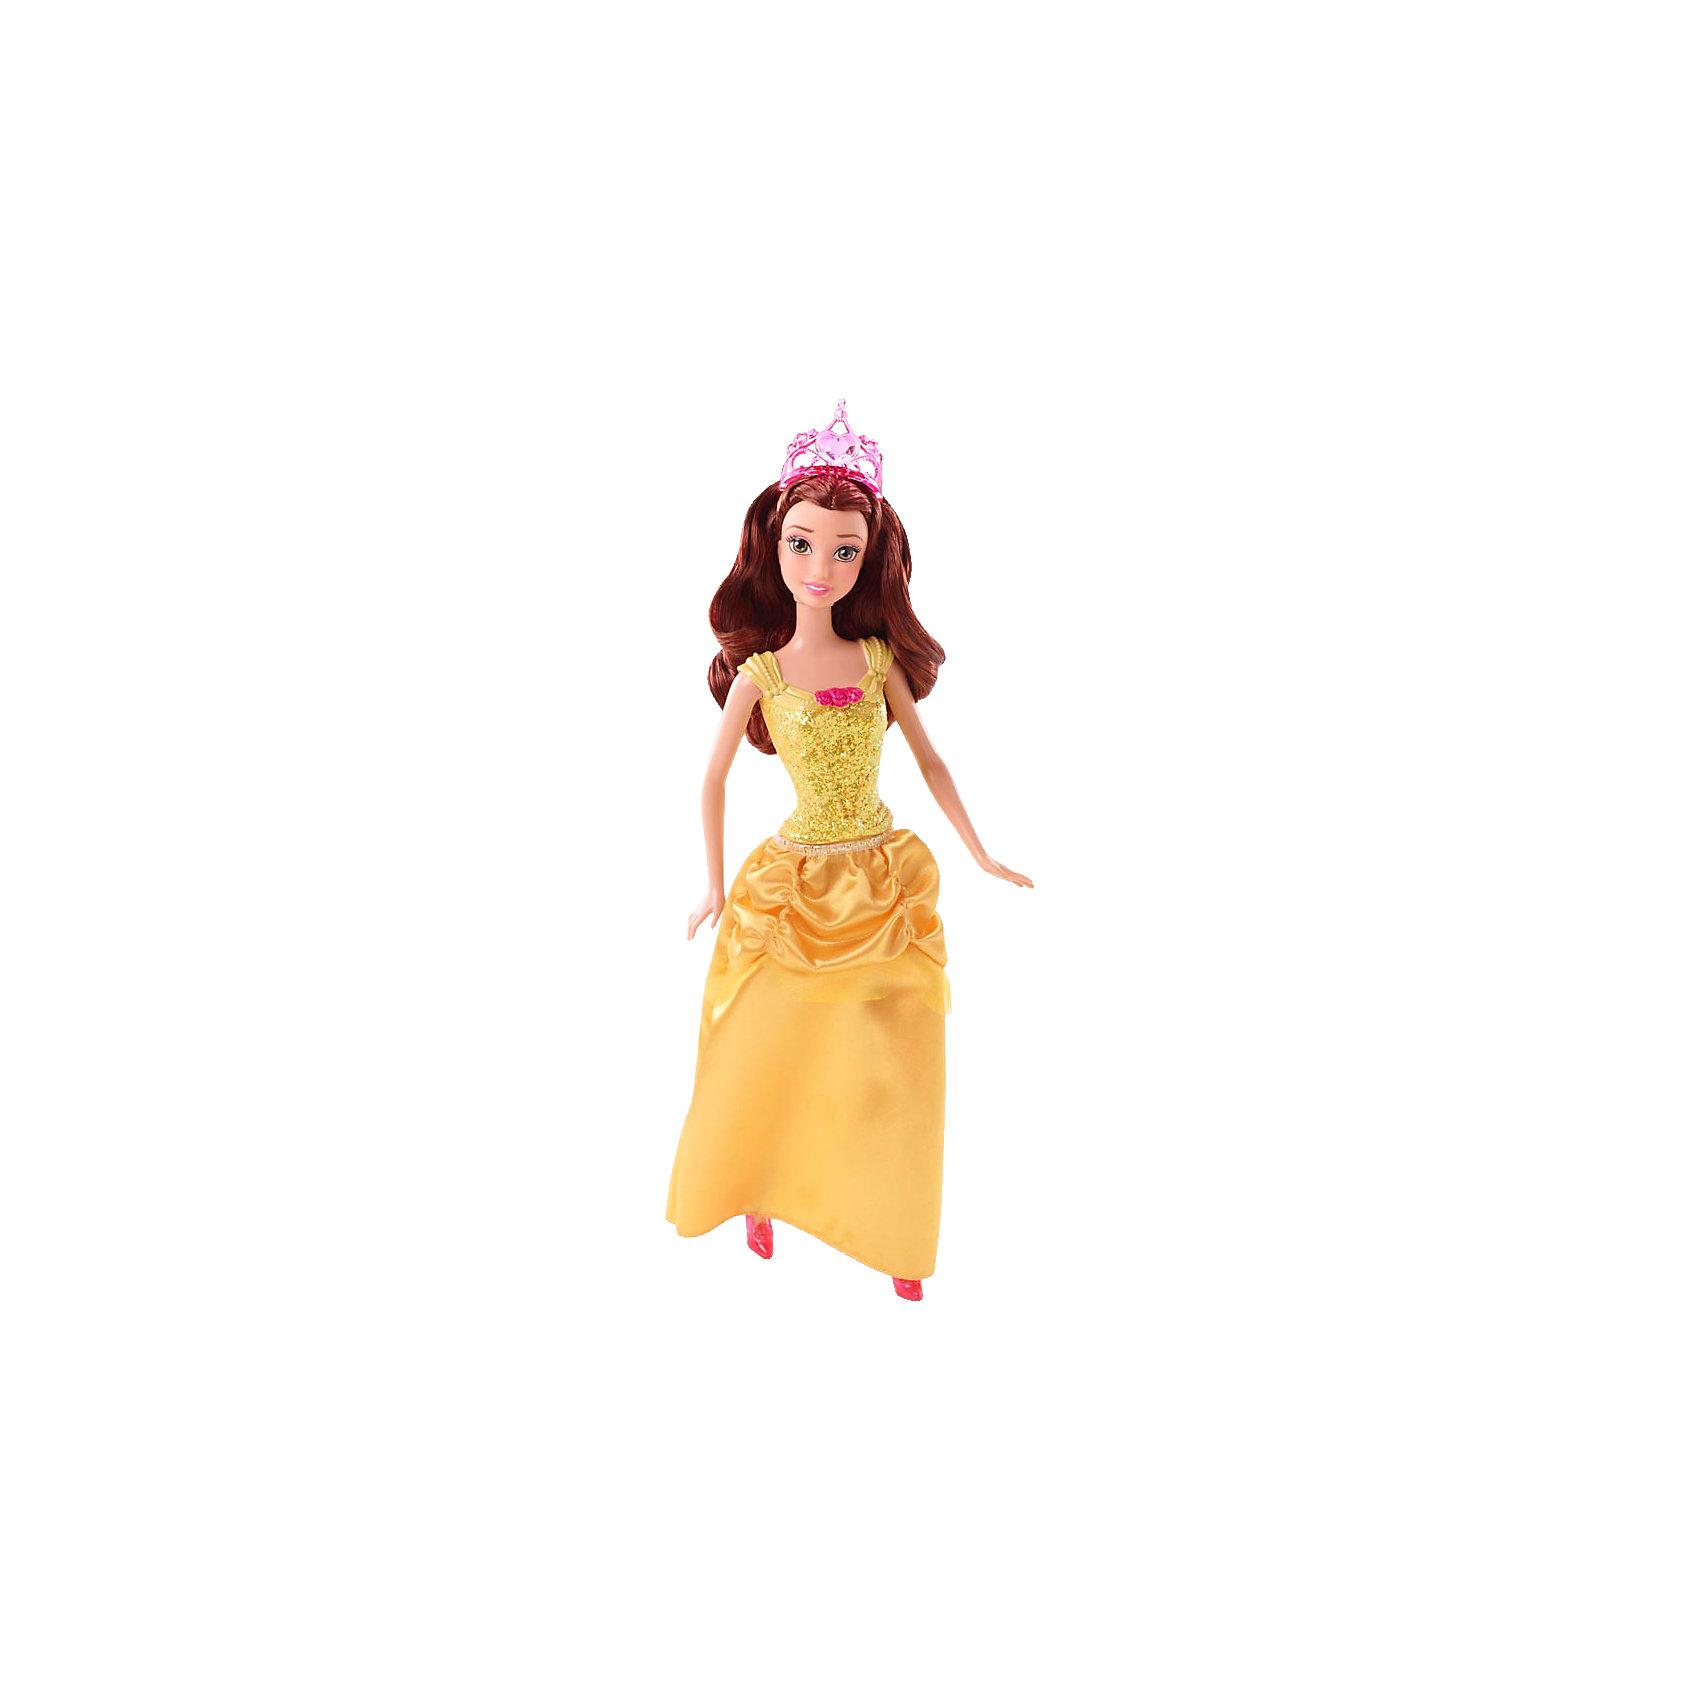 Кукла Бэлль, Принцессы ДиснейКукла Бэлль, Disney Princess (Принцесса Диснея) – это кукла, созданная для настоящей принцессы!<br>Сказочная Принцесса Бэлль в сверкающем наряде чудно хороша! Наряд куклы, как всегда, безупречен. Верхняя часть бального платья таинственно переливается, длинная юбка украшена красивой драпировкой. На груди у куколки находится отличительный знак, присущий только ей – розочки. Туфельки на ножках прекрасно гармонируют с платьем. Ее шелковистые длинные волосы красиво уложены. На голове изящная тиара. Волосы куклы изготовлены из нейлона высокого качества. Одежду и обувь можно снимать. Образ куклы Бэлль Disney Princess проработан до мелочей, является завершенным и целостным! Игрушечная Бэлль выглядят, как реальный прототип - героини мультфильмов Disney «Красавица и чудовище»!<br><br>Дополнительная информация:<br><br>- Материал: высококачественный пластик, текстиль<br>- Рост куклы: 29 см.<br>- Размер упаковки: 11,5 х 6 х 32 см.<br>- Вес: 243 гр.<br><br>Куклу Бэлль, Disney Princess (Принцесса Диснея) можно купить в нашем интернет-магазине.<br><br>Ширина мм: 330<br>Глубина мм: 119<br>Высота мм: 63<br>Вес г: 199<br>Возраст от месяцев: 36<br>Возраст до месяцев: 72<br>Пол: Женский<br>Возраст: Детский<br>SKU: 3858580